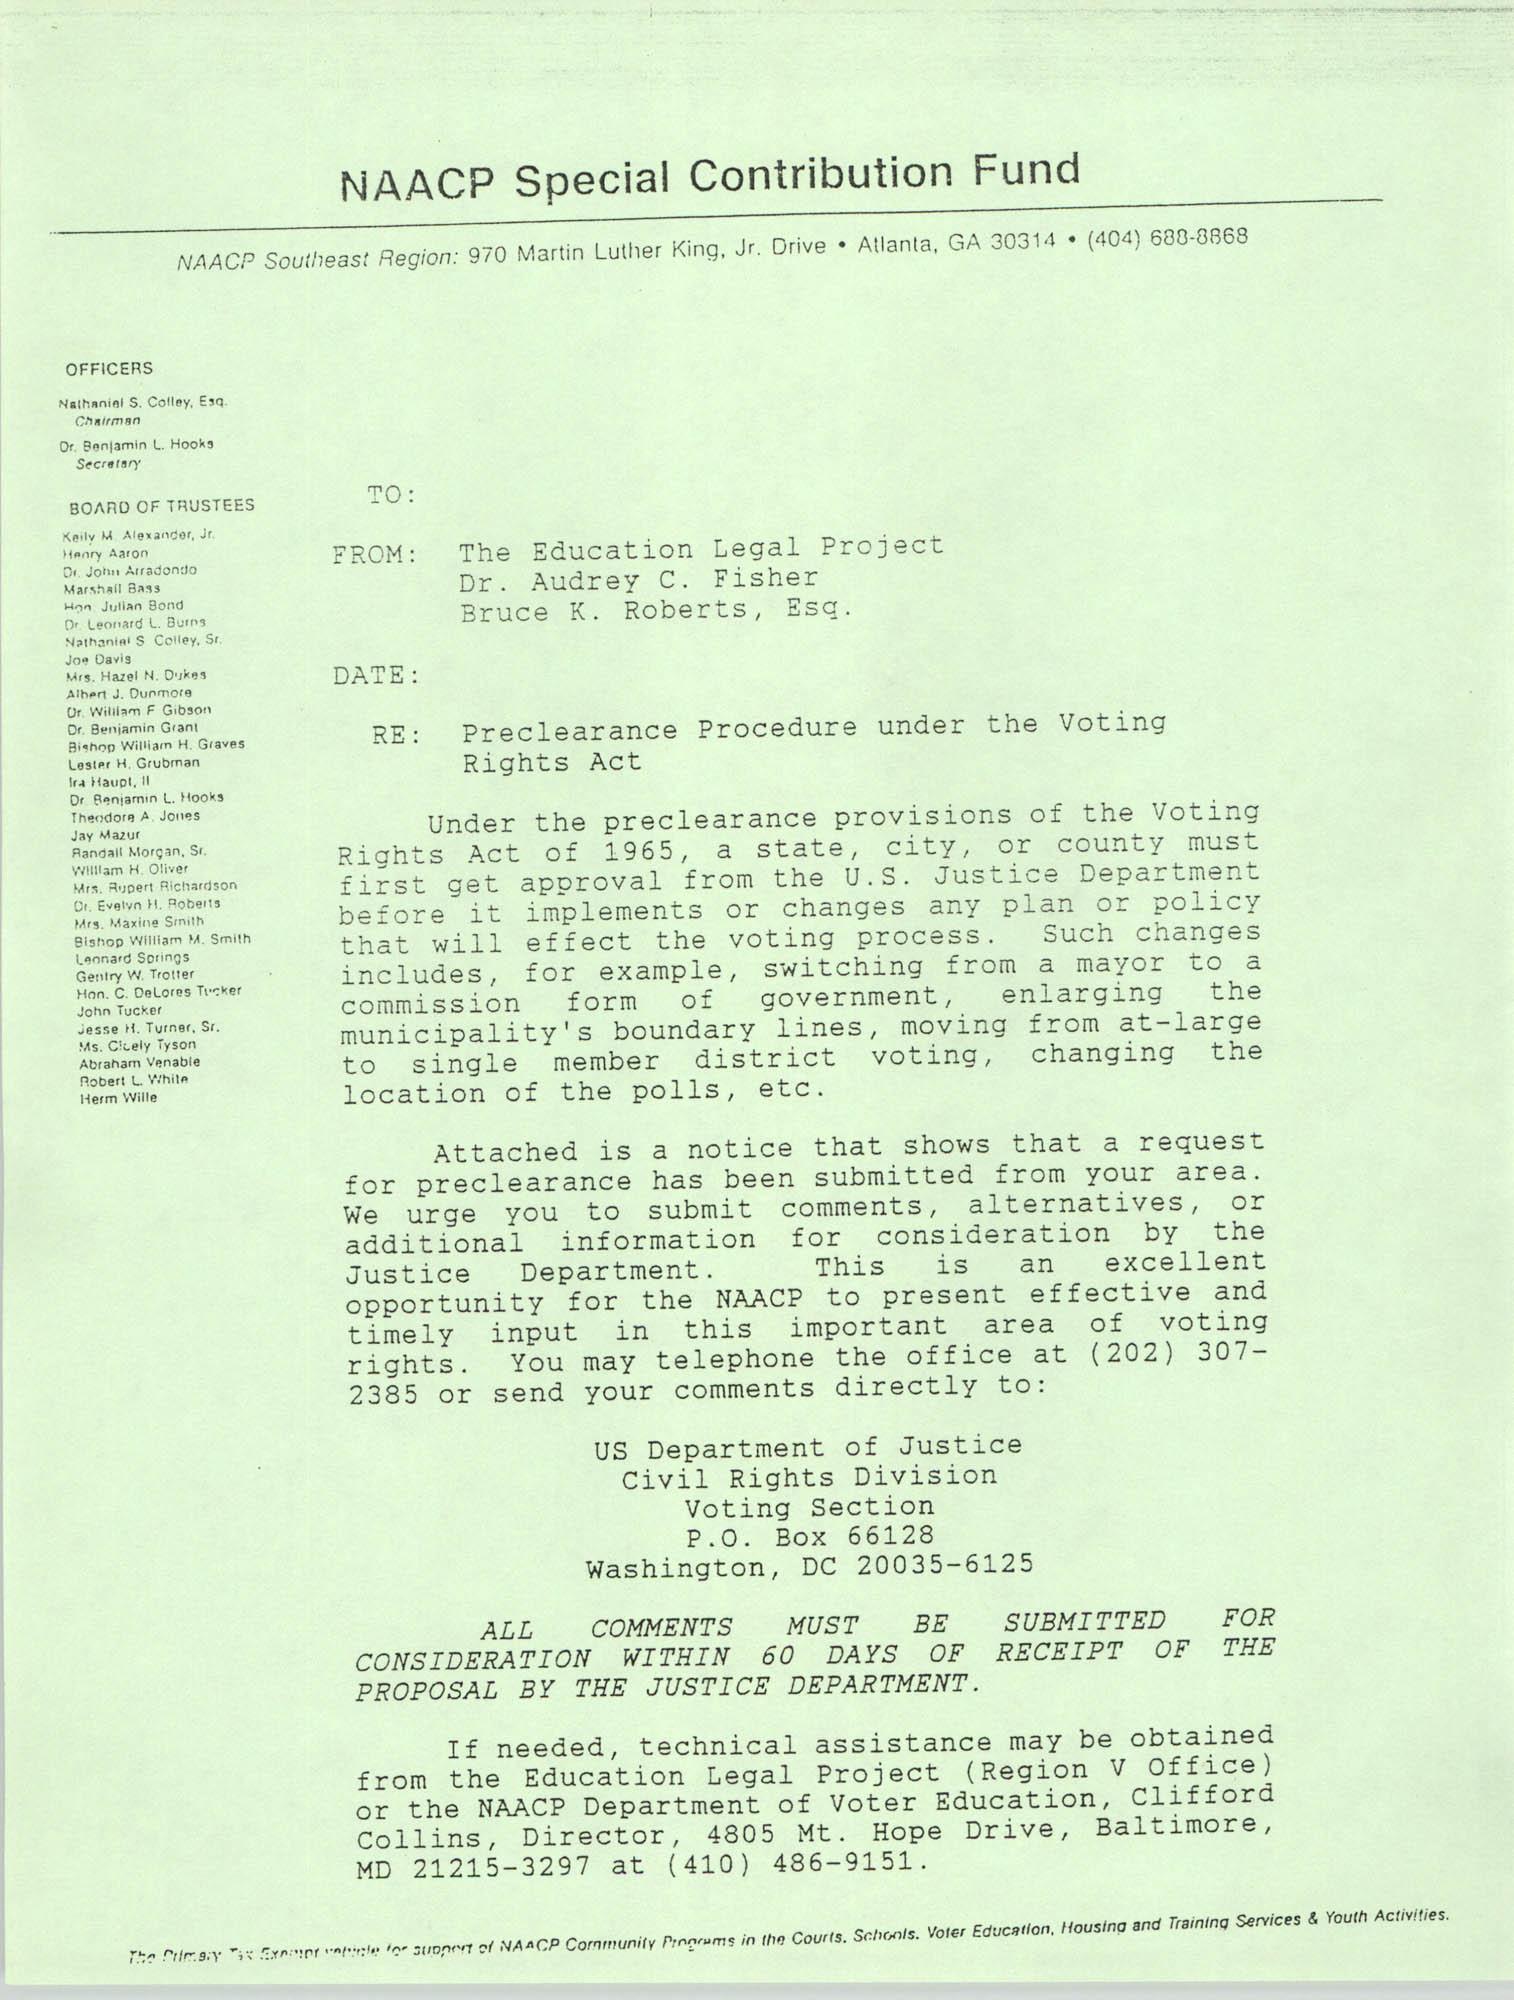 Draft, Memorandum, Education Legal Project